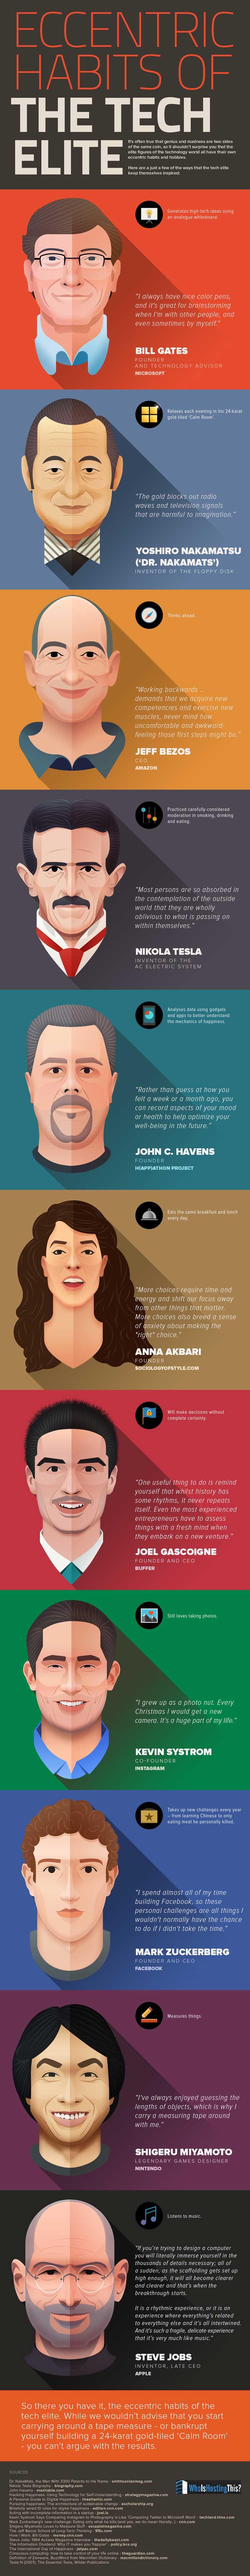 Dziwactwa znanych ludzi ze świata technologii - infografika